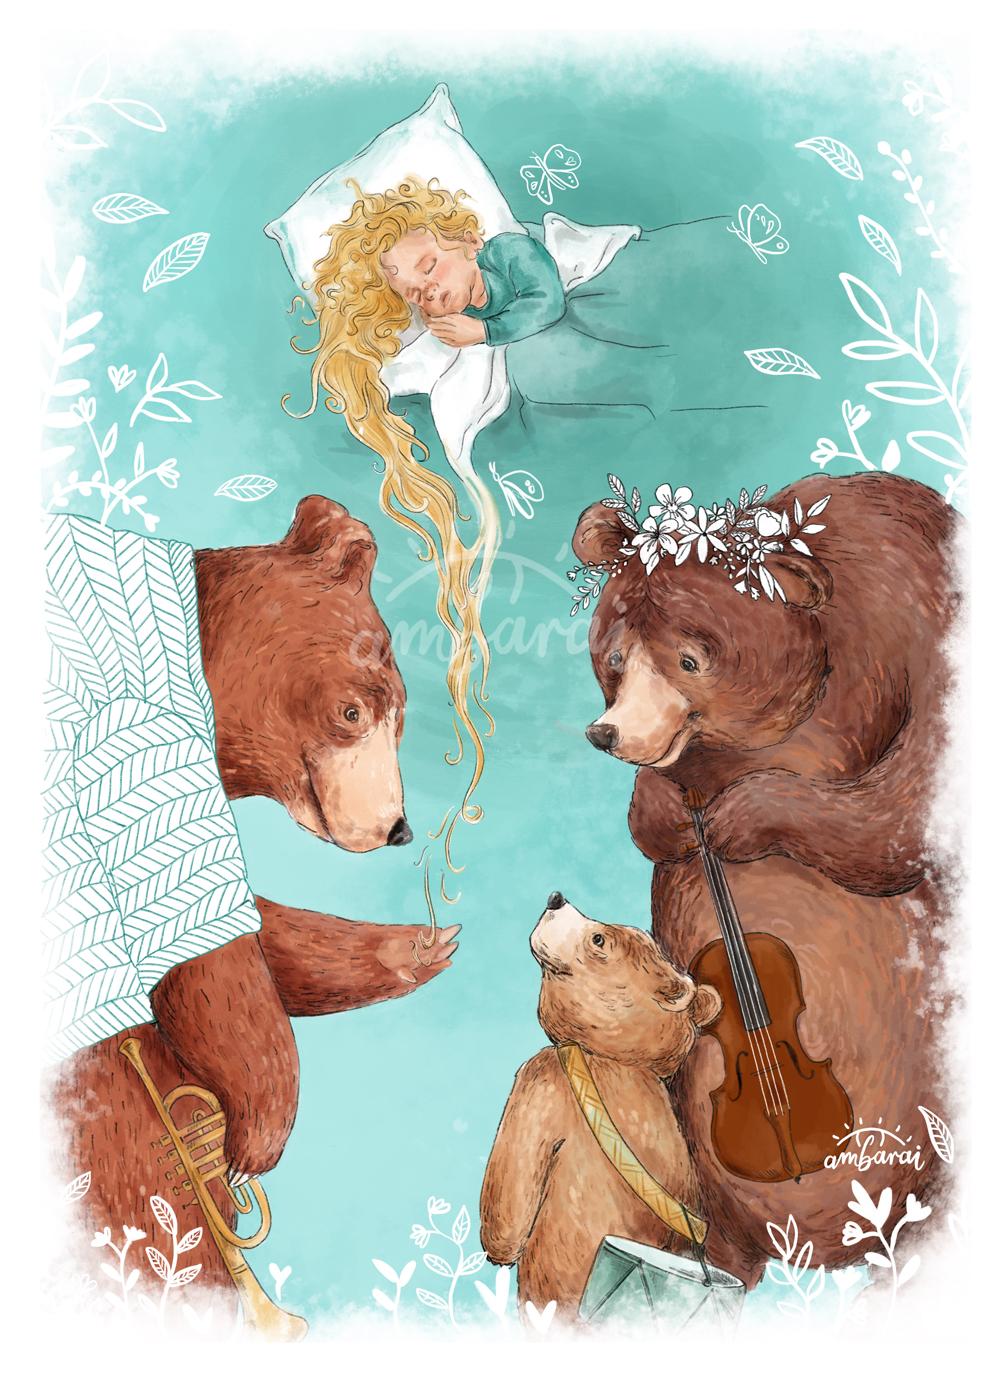 Ilustración para libros. Ilustración cuento ricitos de oro y los tres osos